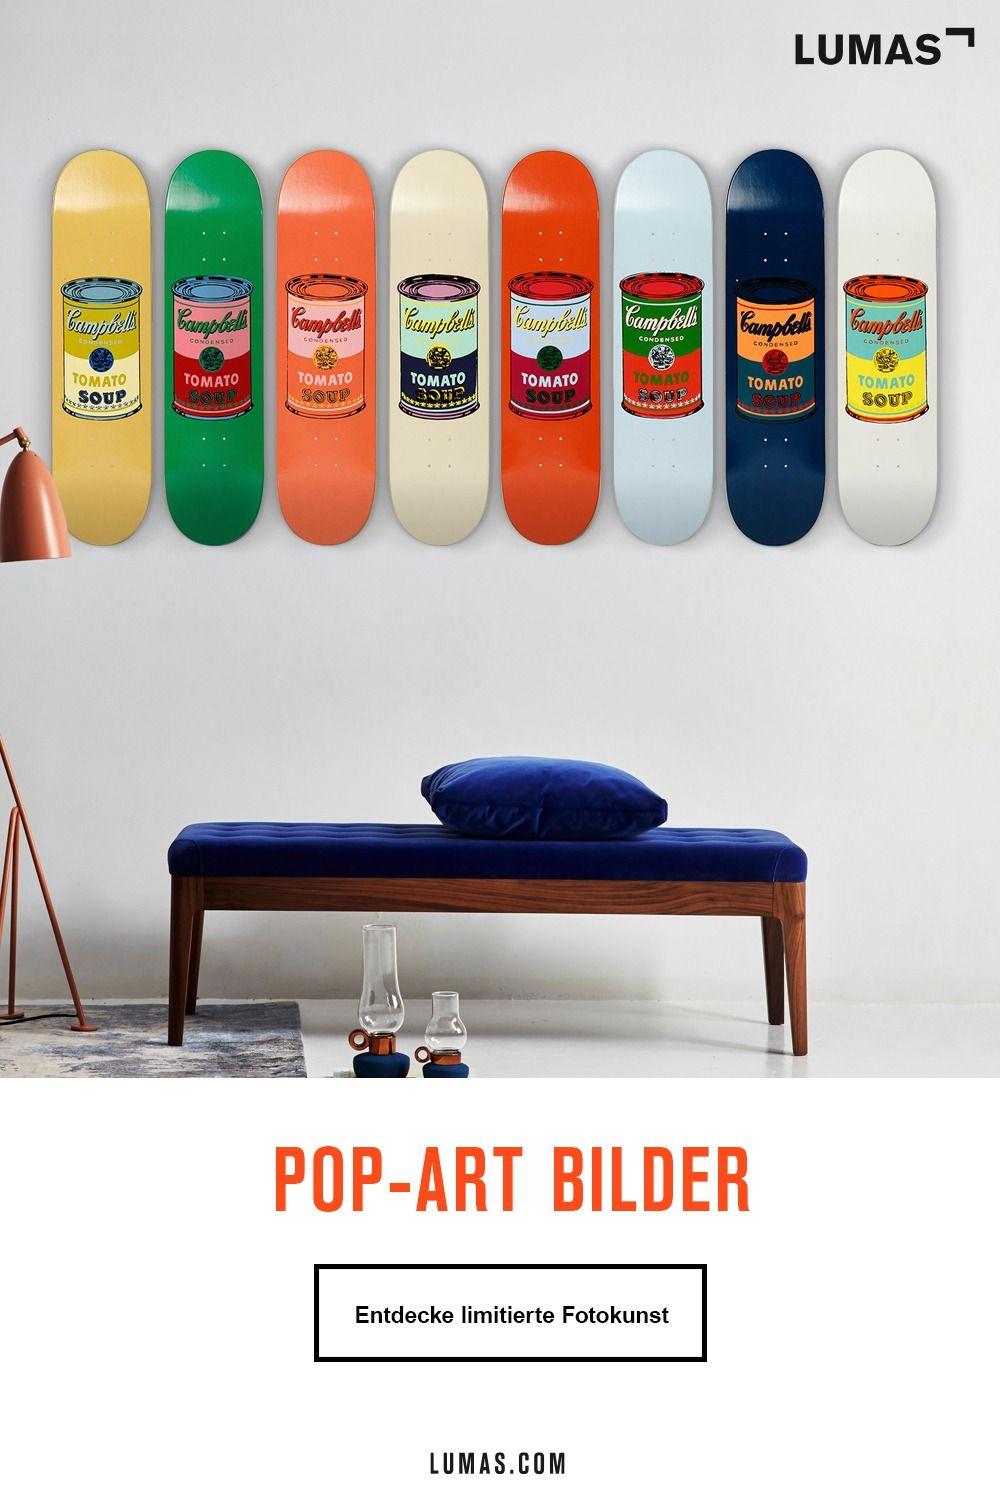 Statement setzen mit Pop-Art Kunst von LUMAS!